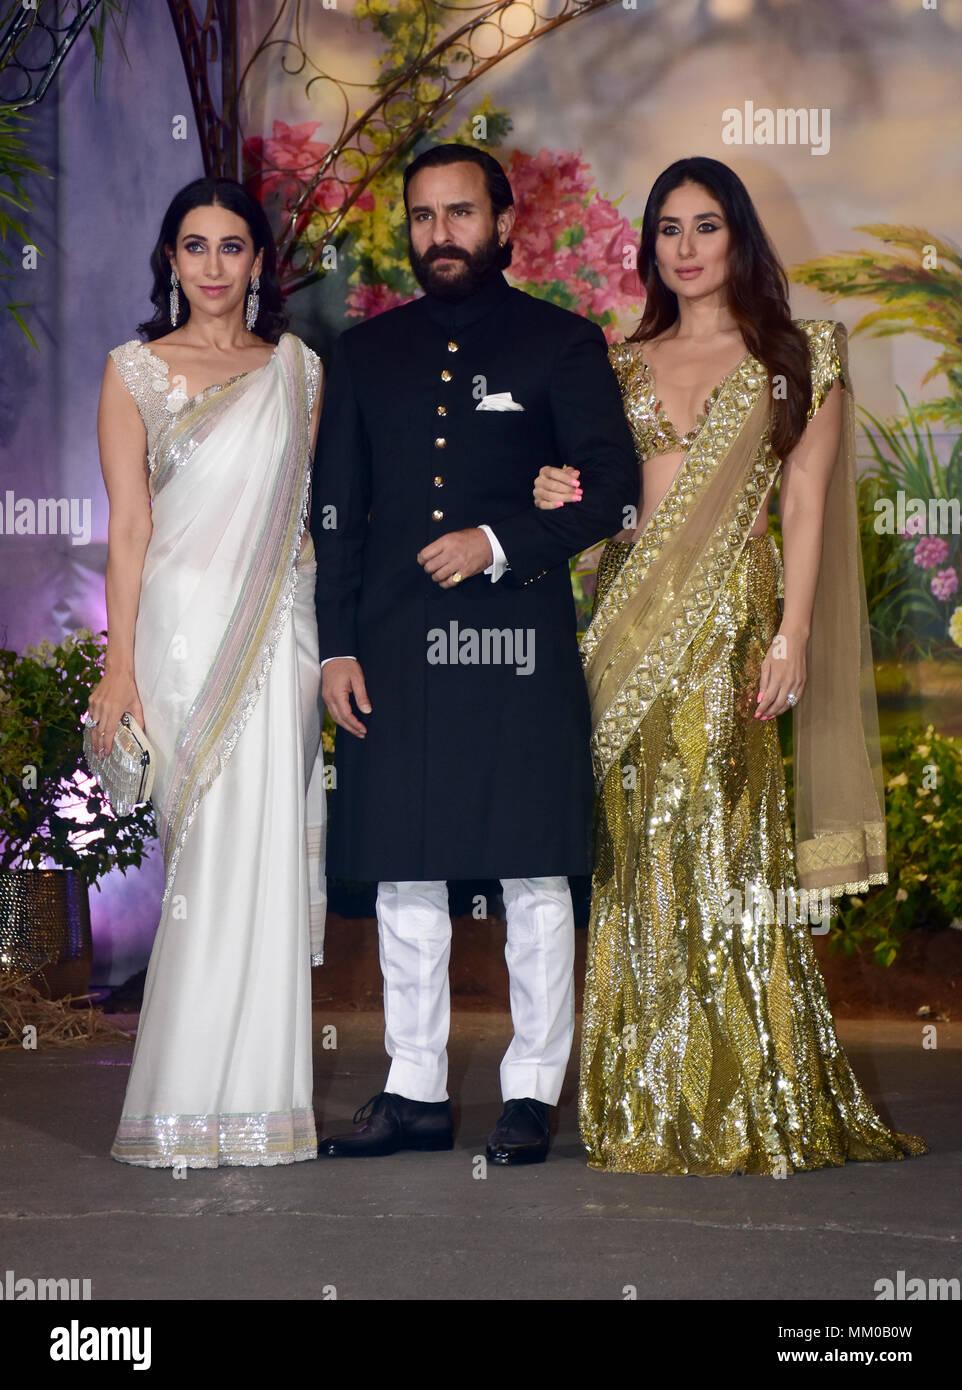 Indian Film Actress Karisma Kapoor With Saif Ali Khan And Kareena